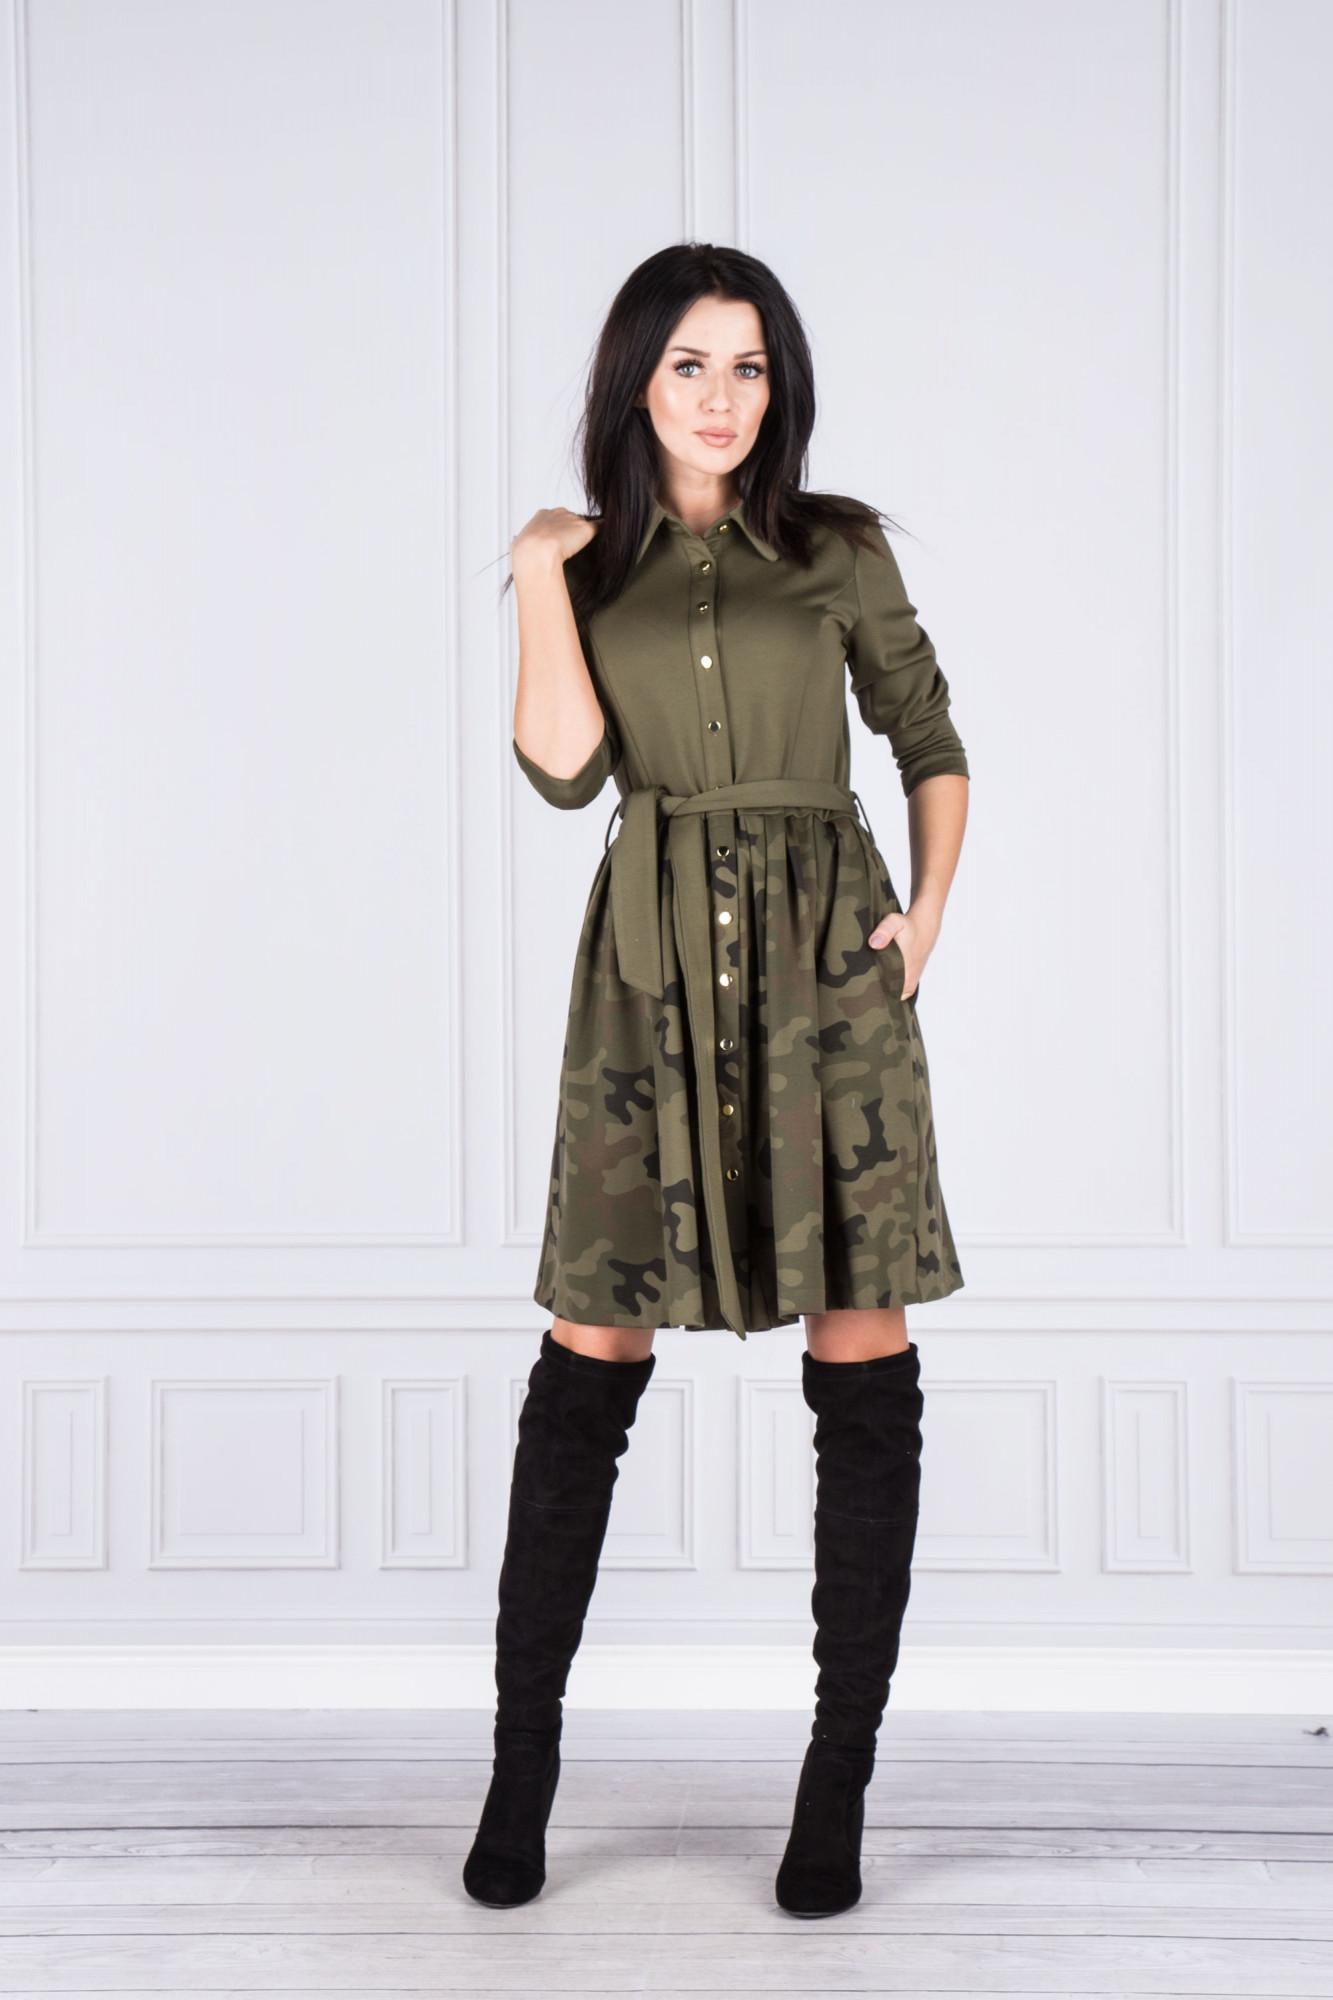 Dámské košilové šaty M41646 - POEME Barva: zelená-potisk, Velikost: 34